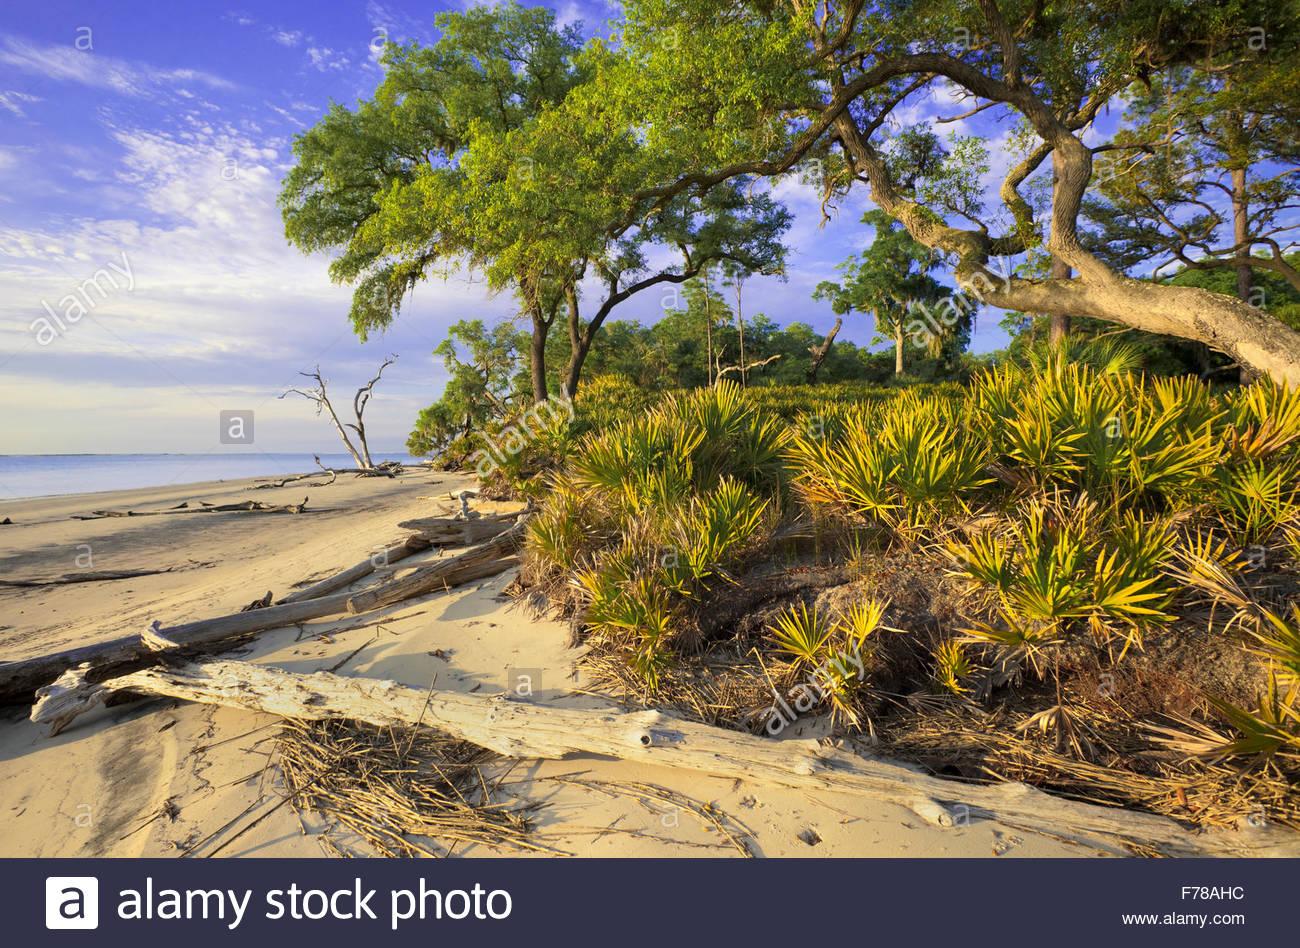 Avec plage de sable et de palmier nain, Live Oak St Catherine's Island, Géorgie. Photo Stock